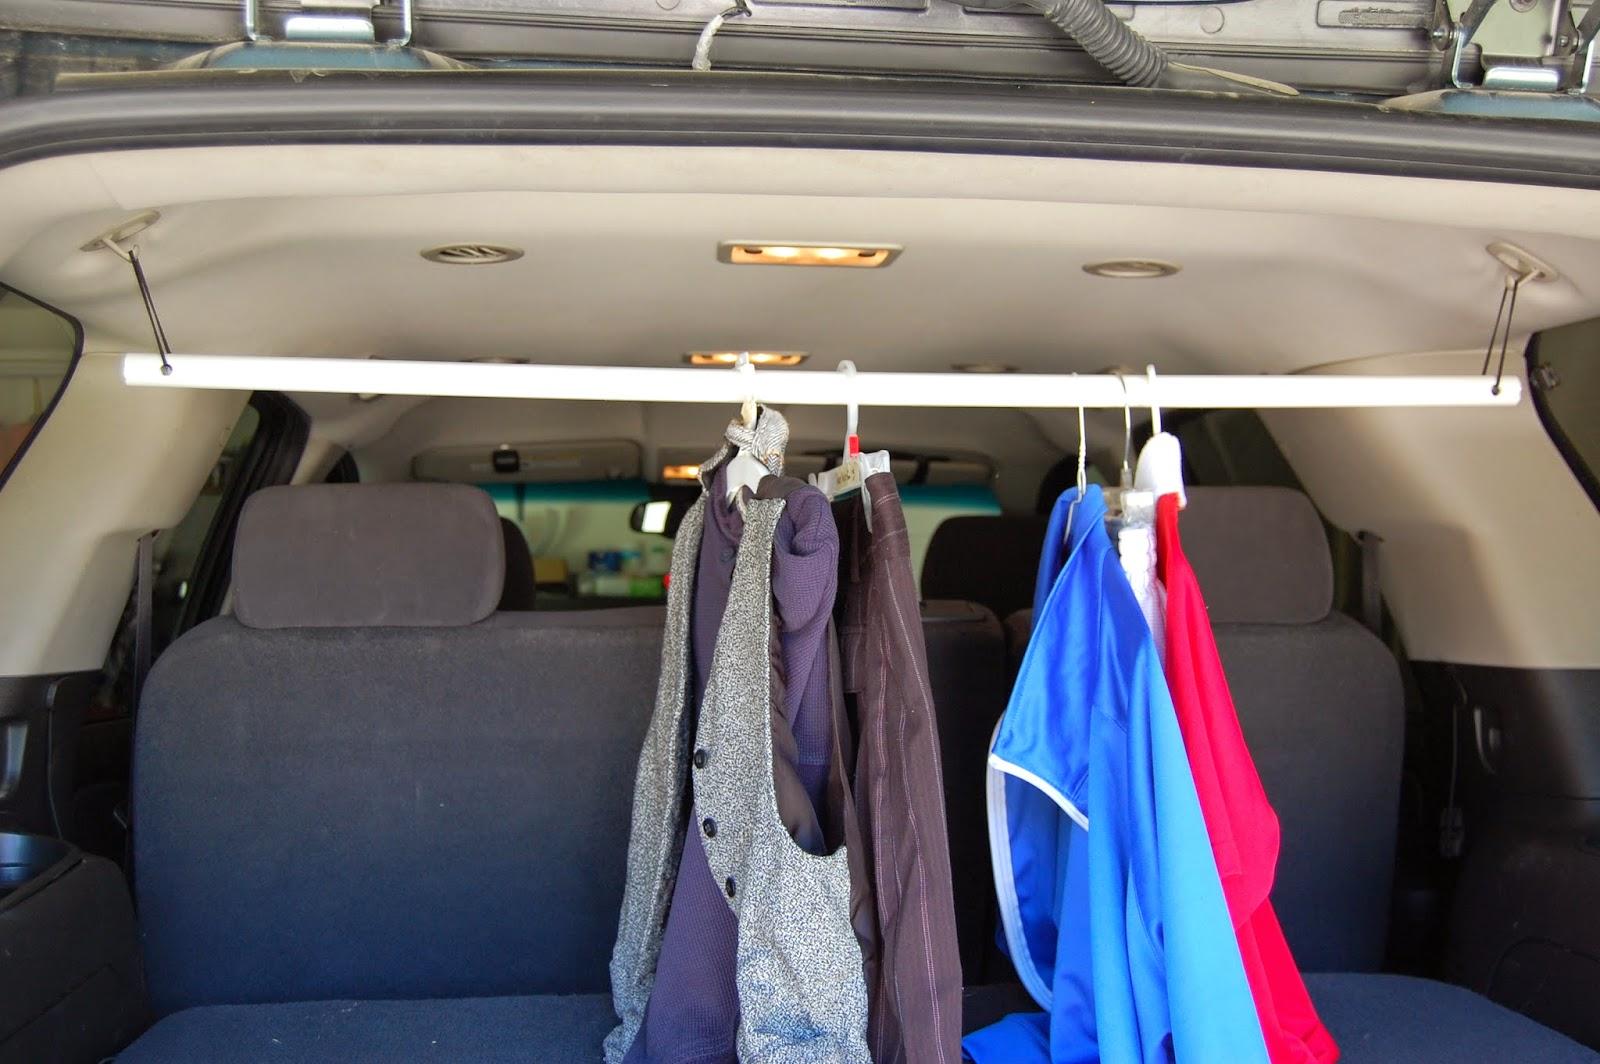 Diy Clothes Rack For Car   Racks Blog Ideas